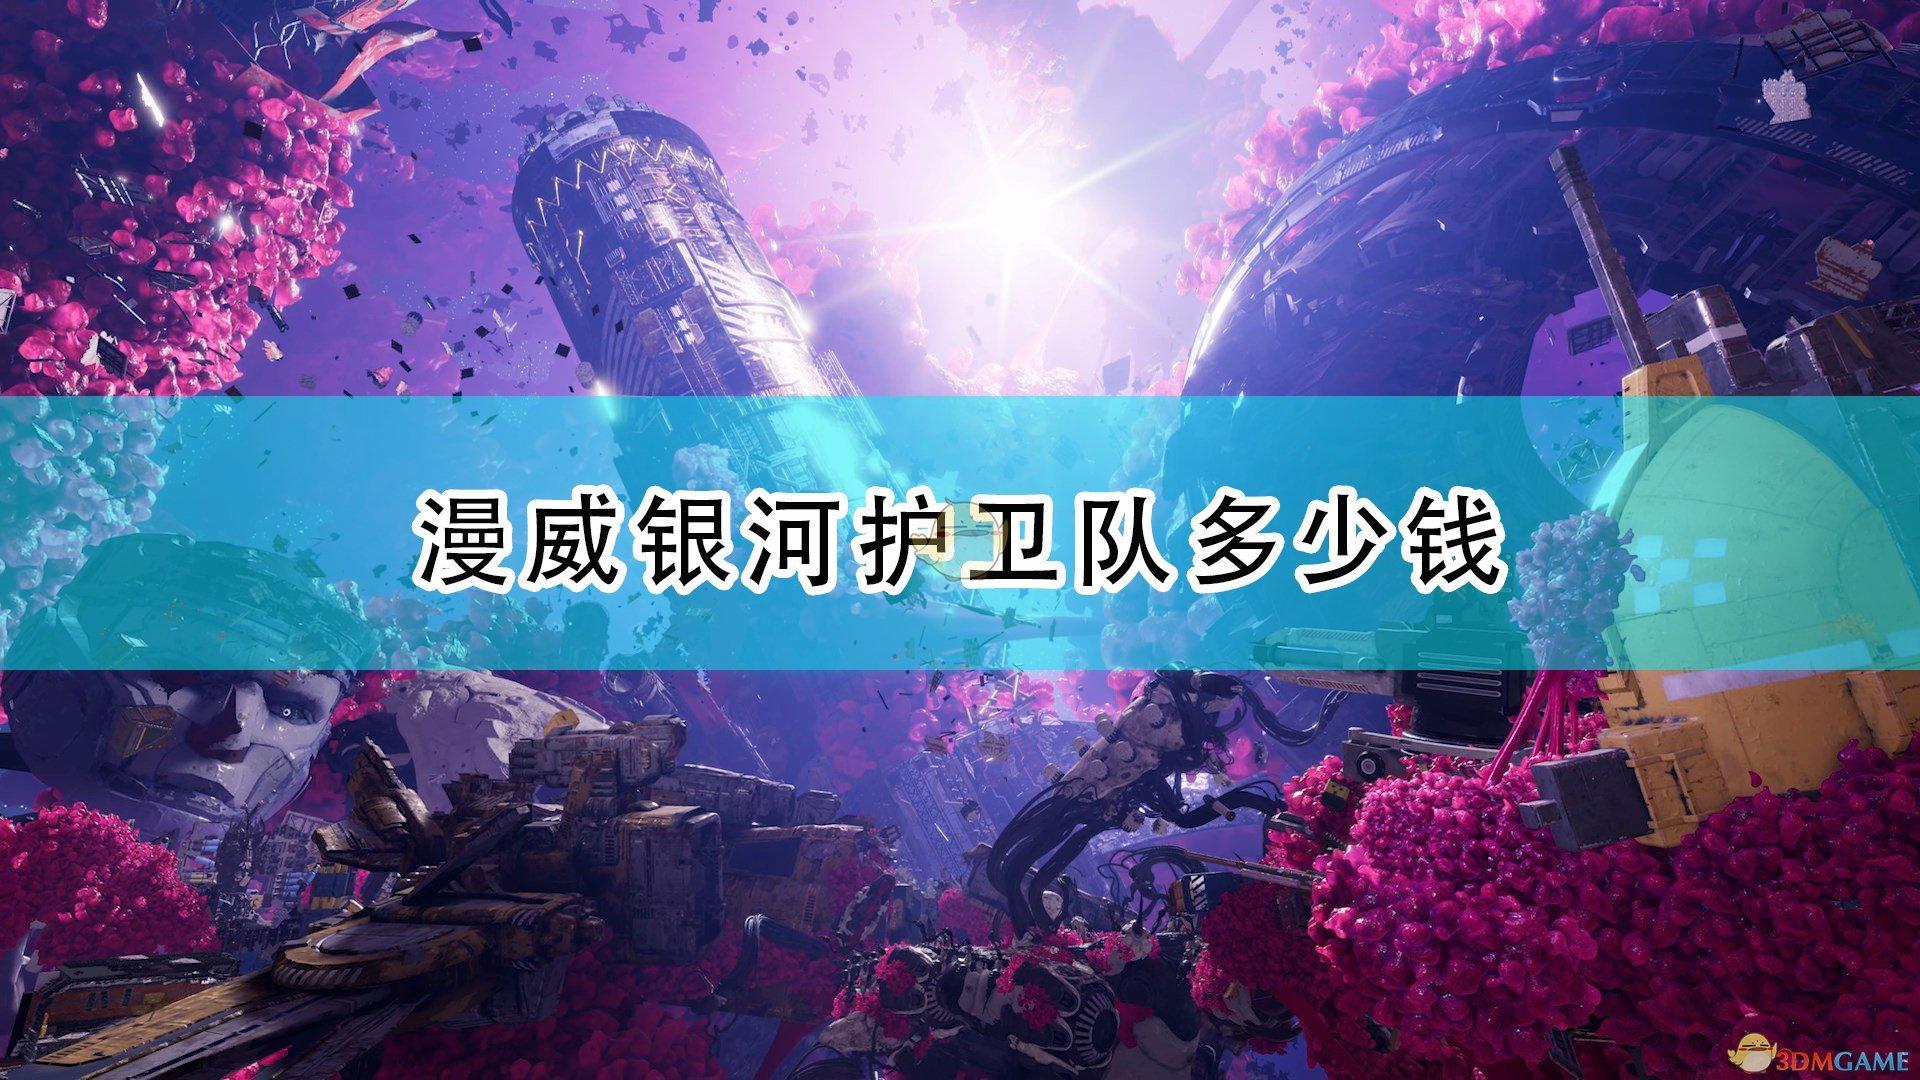 《漫威银河护卫队》游戏售价一览